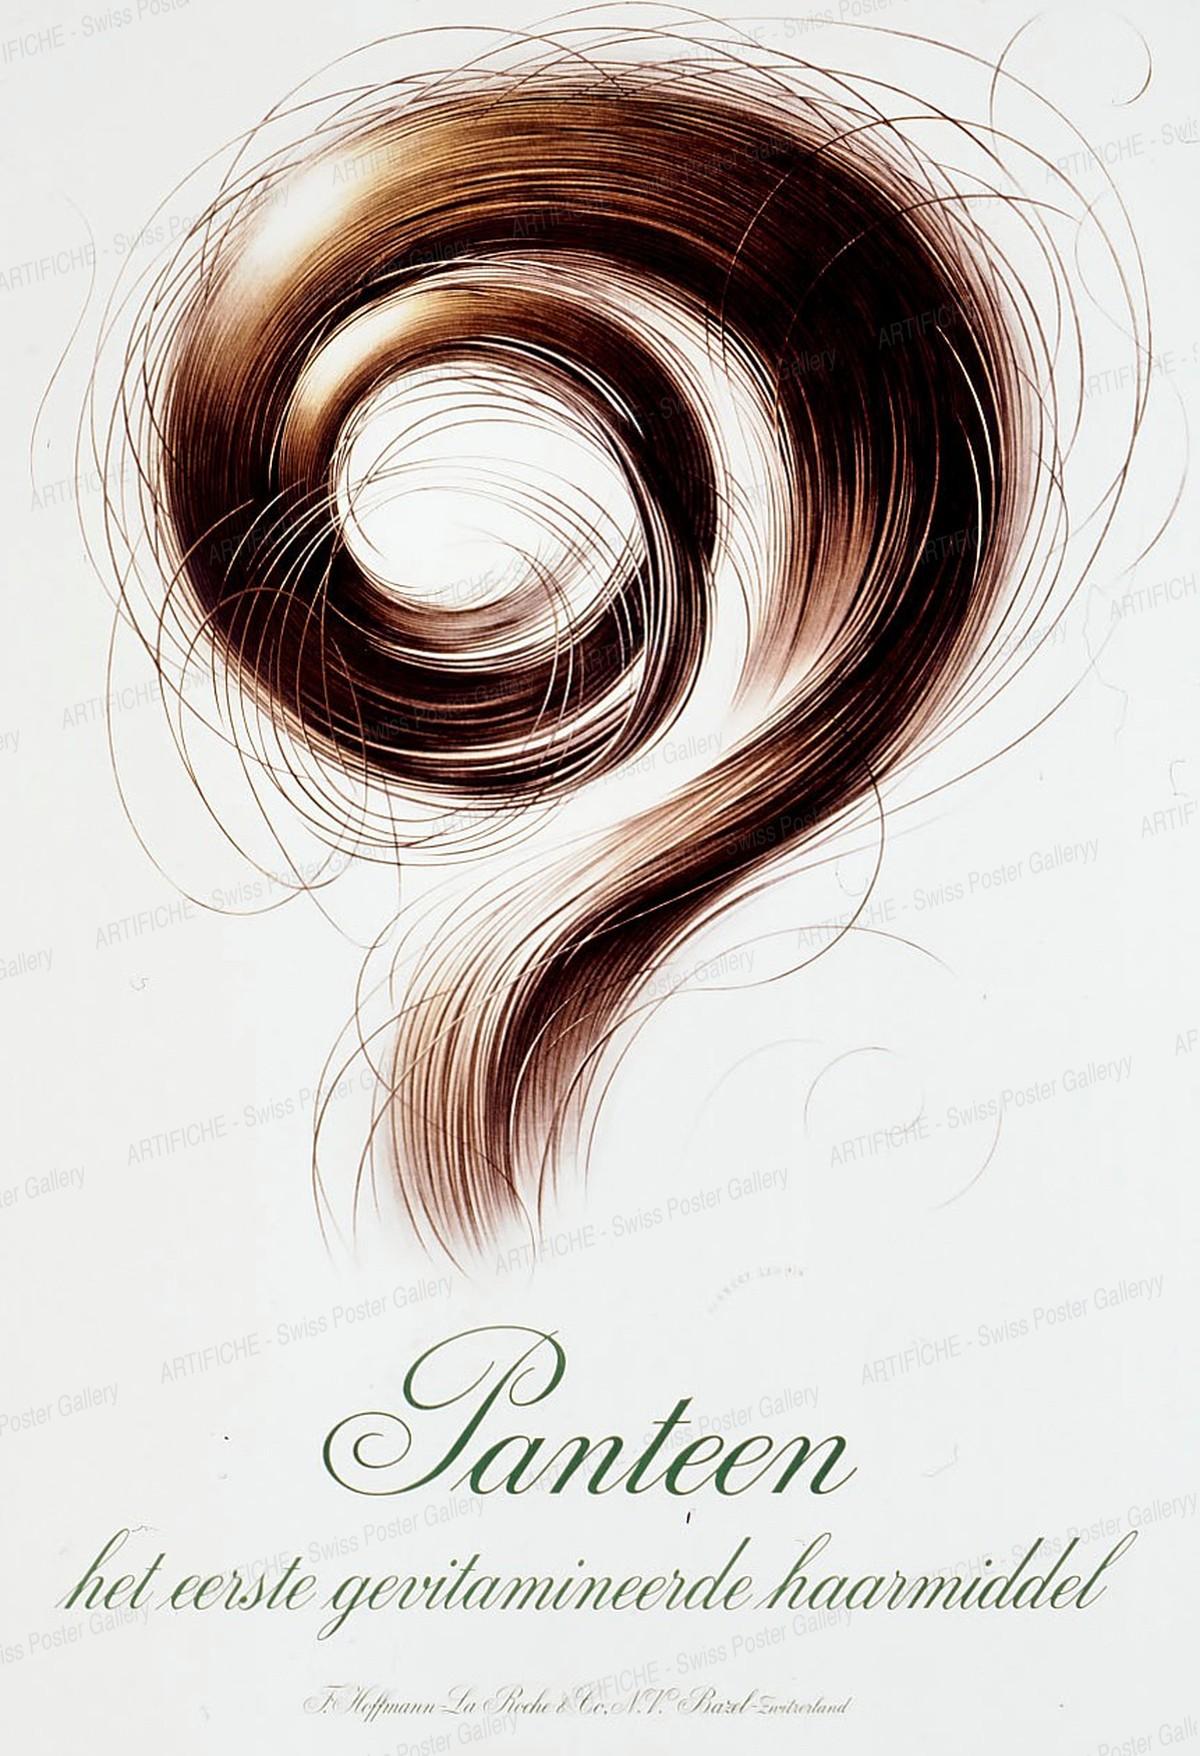 Panteen – het eerste gevitamineerde haarmiddel, Herbert Leupin